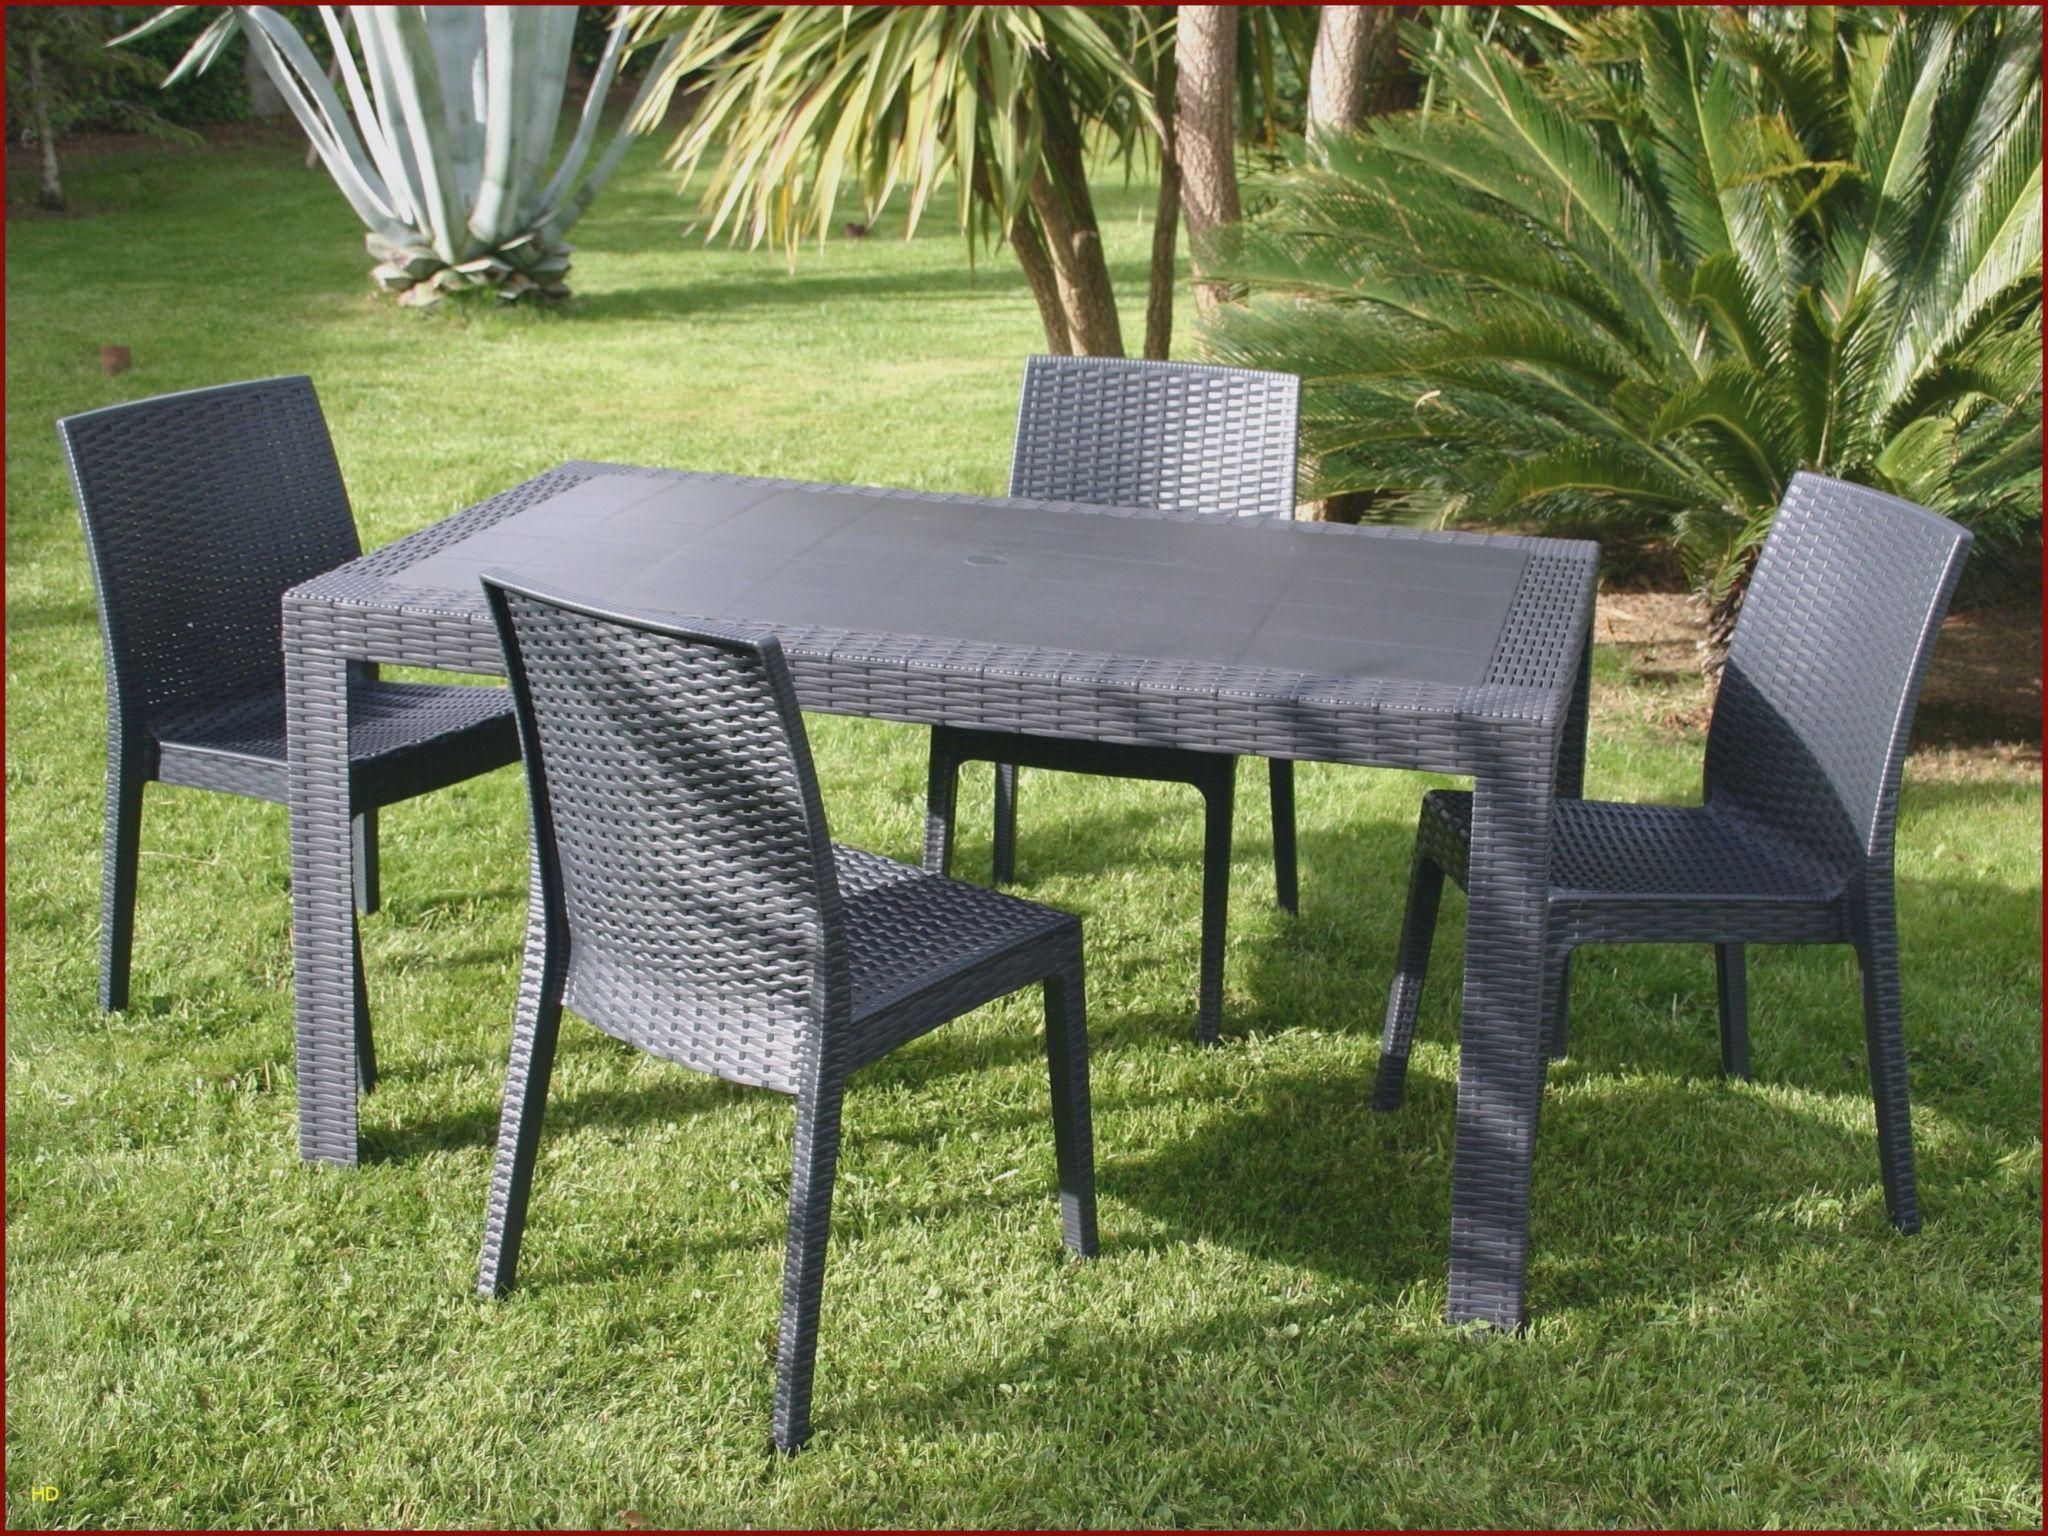 Fauteuil De Jardin En Plastique | Outdoor Furniture Sets dedans Table Et Chaises De Jardin Pas Cher